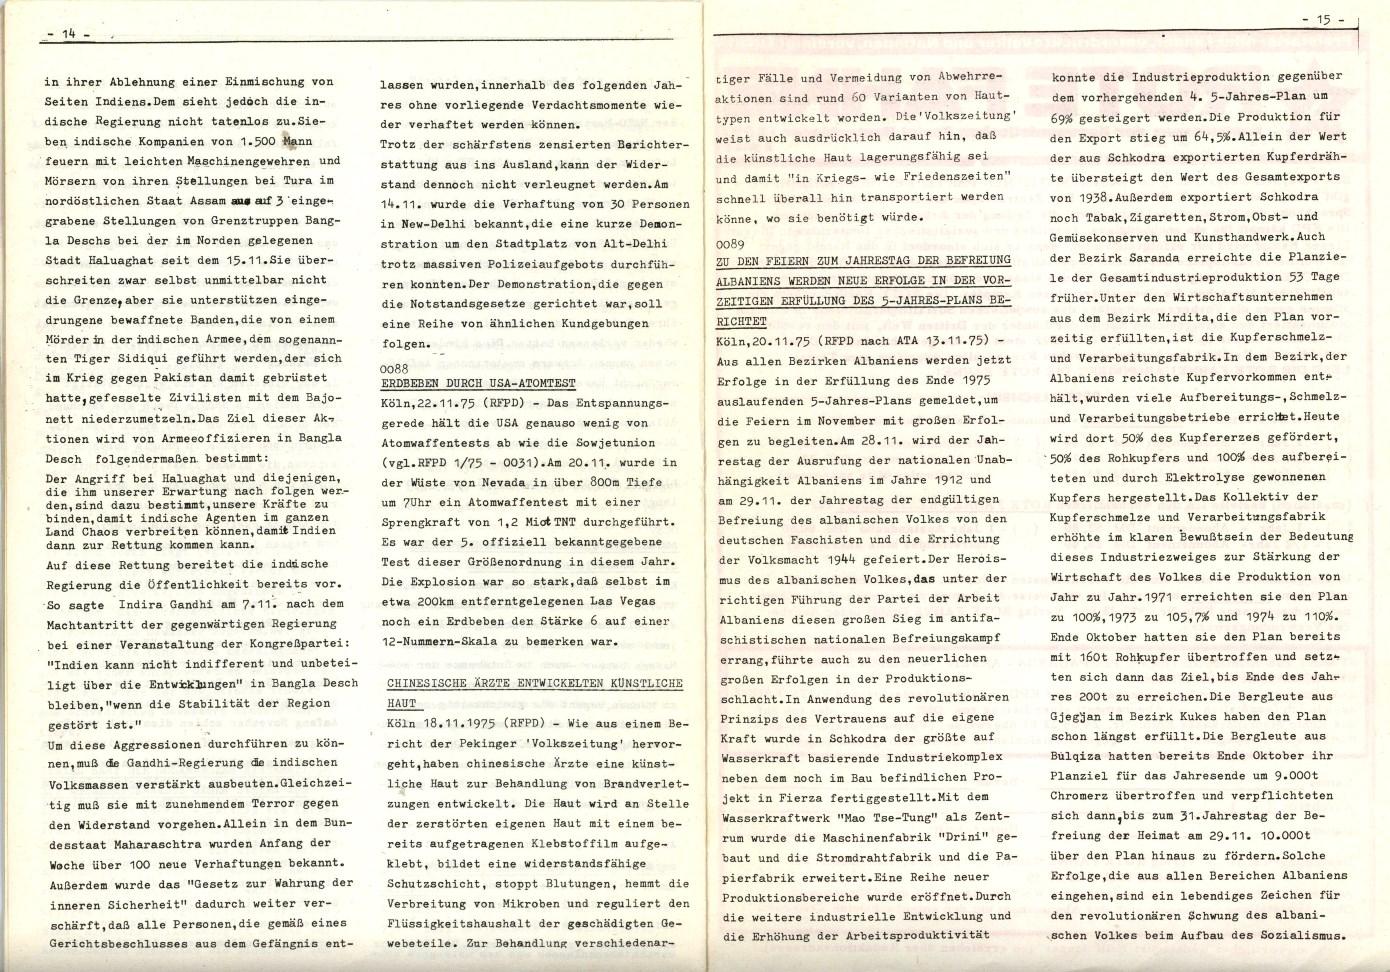 Rote_Fahne_Pressedienst_1975_03_08